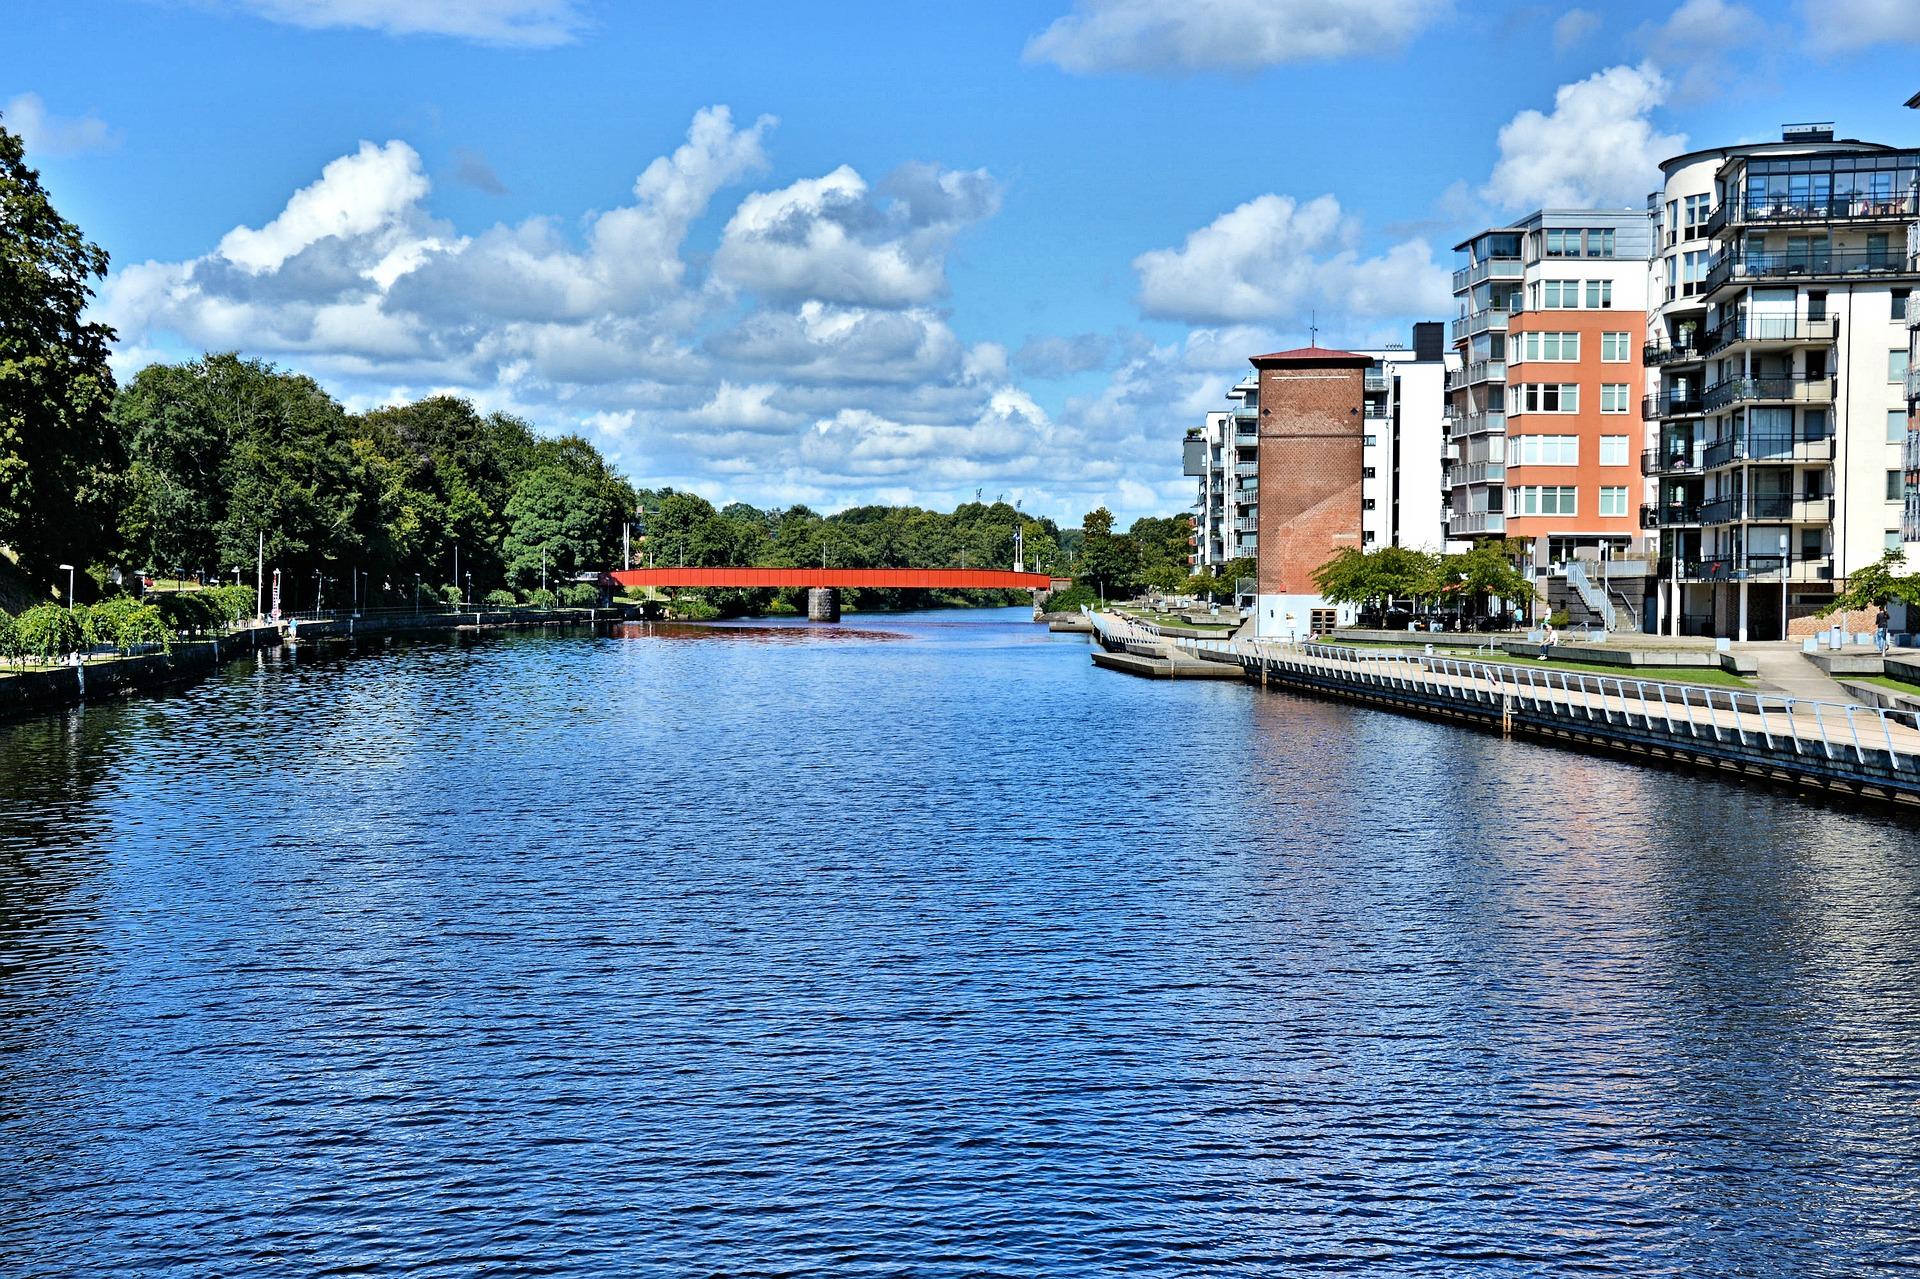 Günstiges Hotel Kopenhagen ab 20,90€ die Nacht ! Städte Reise Kopenhagen